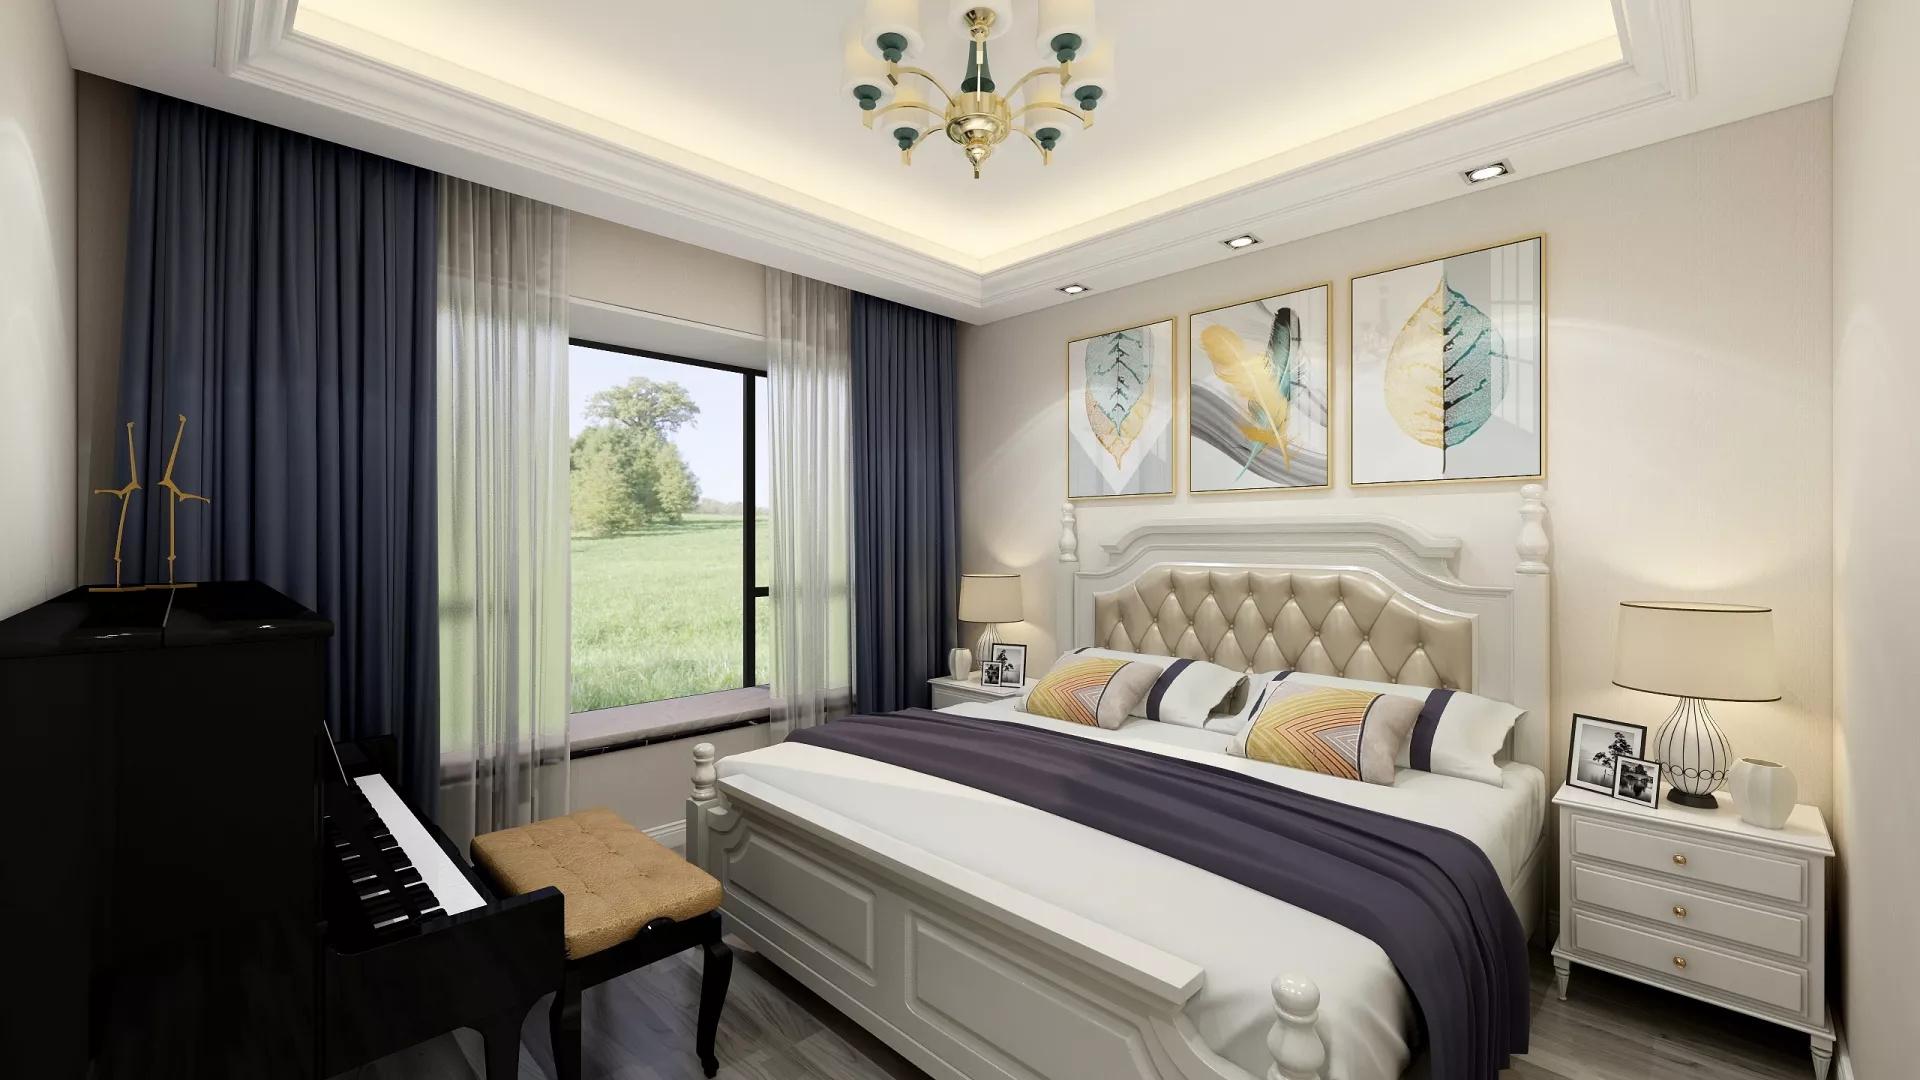 舒适温馨风格卧室装修效果图